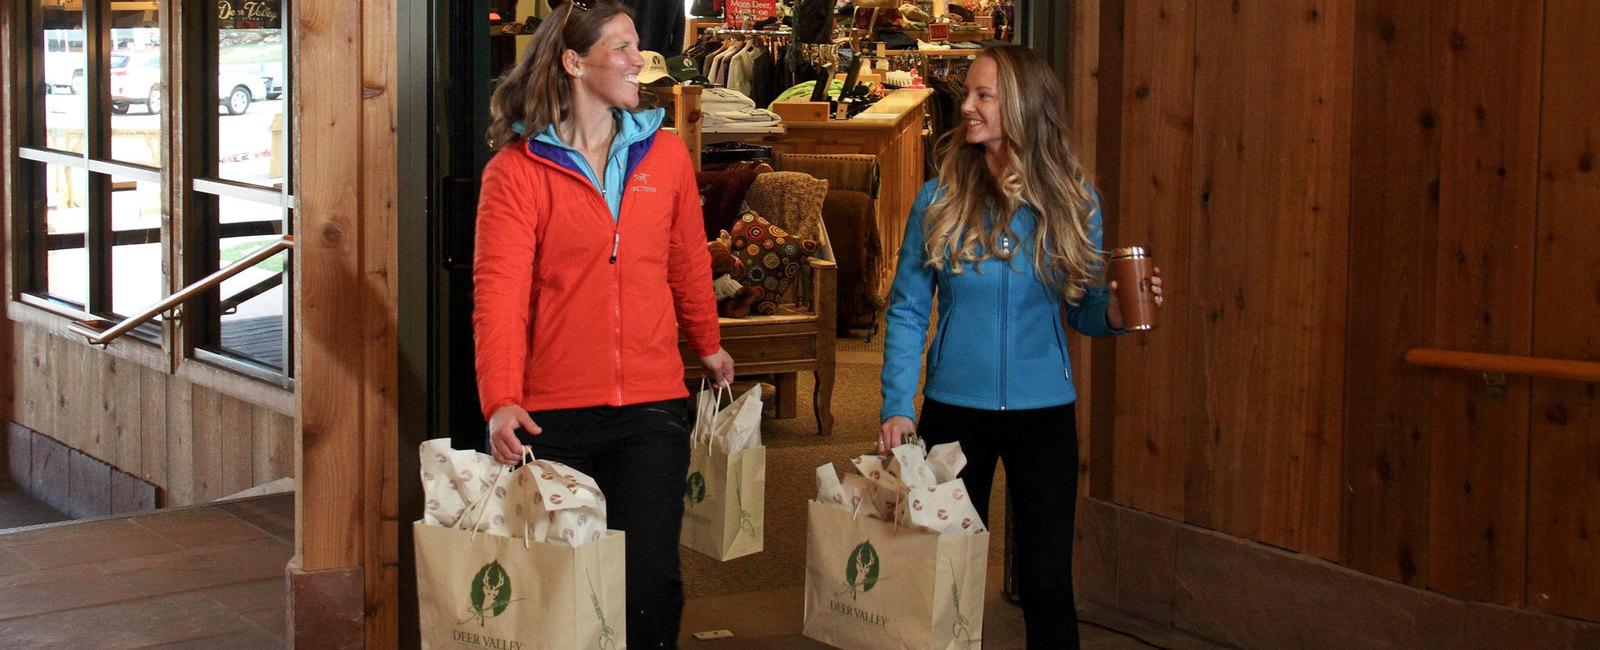 Deer Valley Signatures Stores